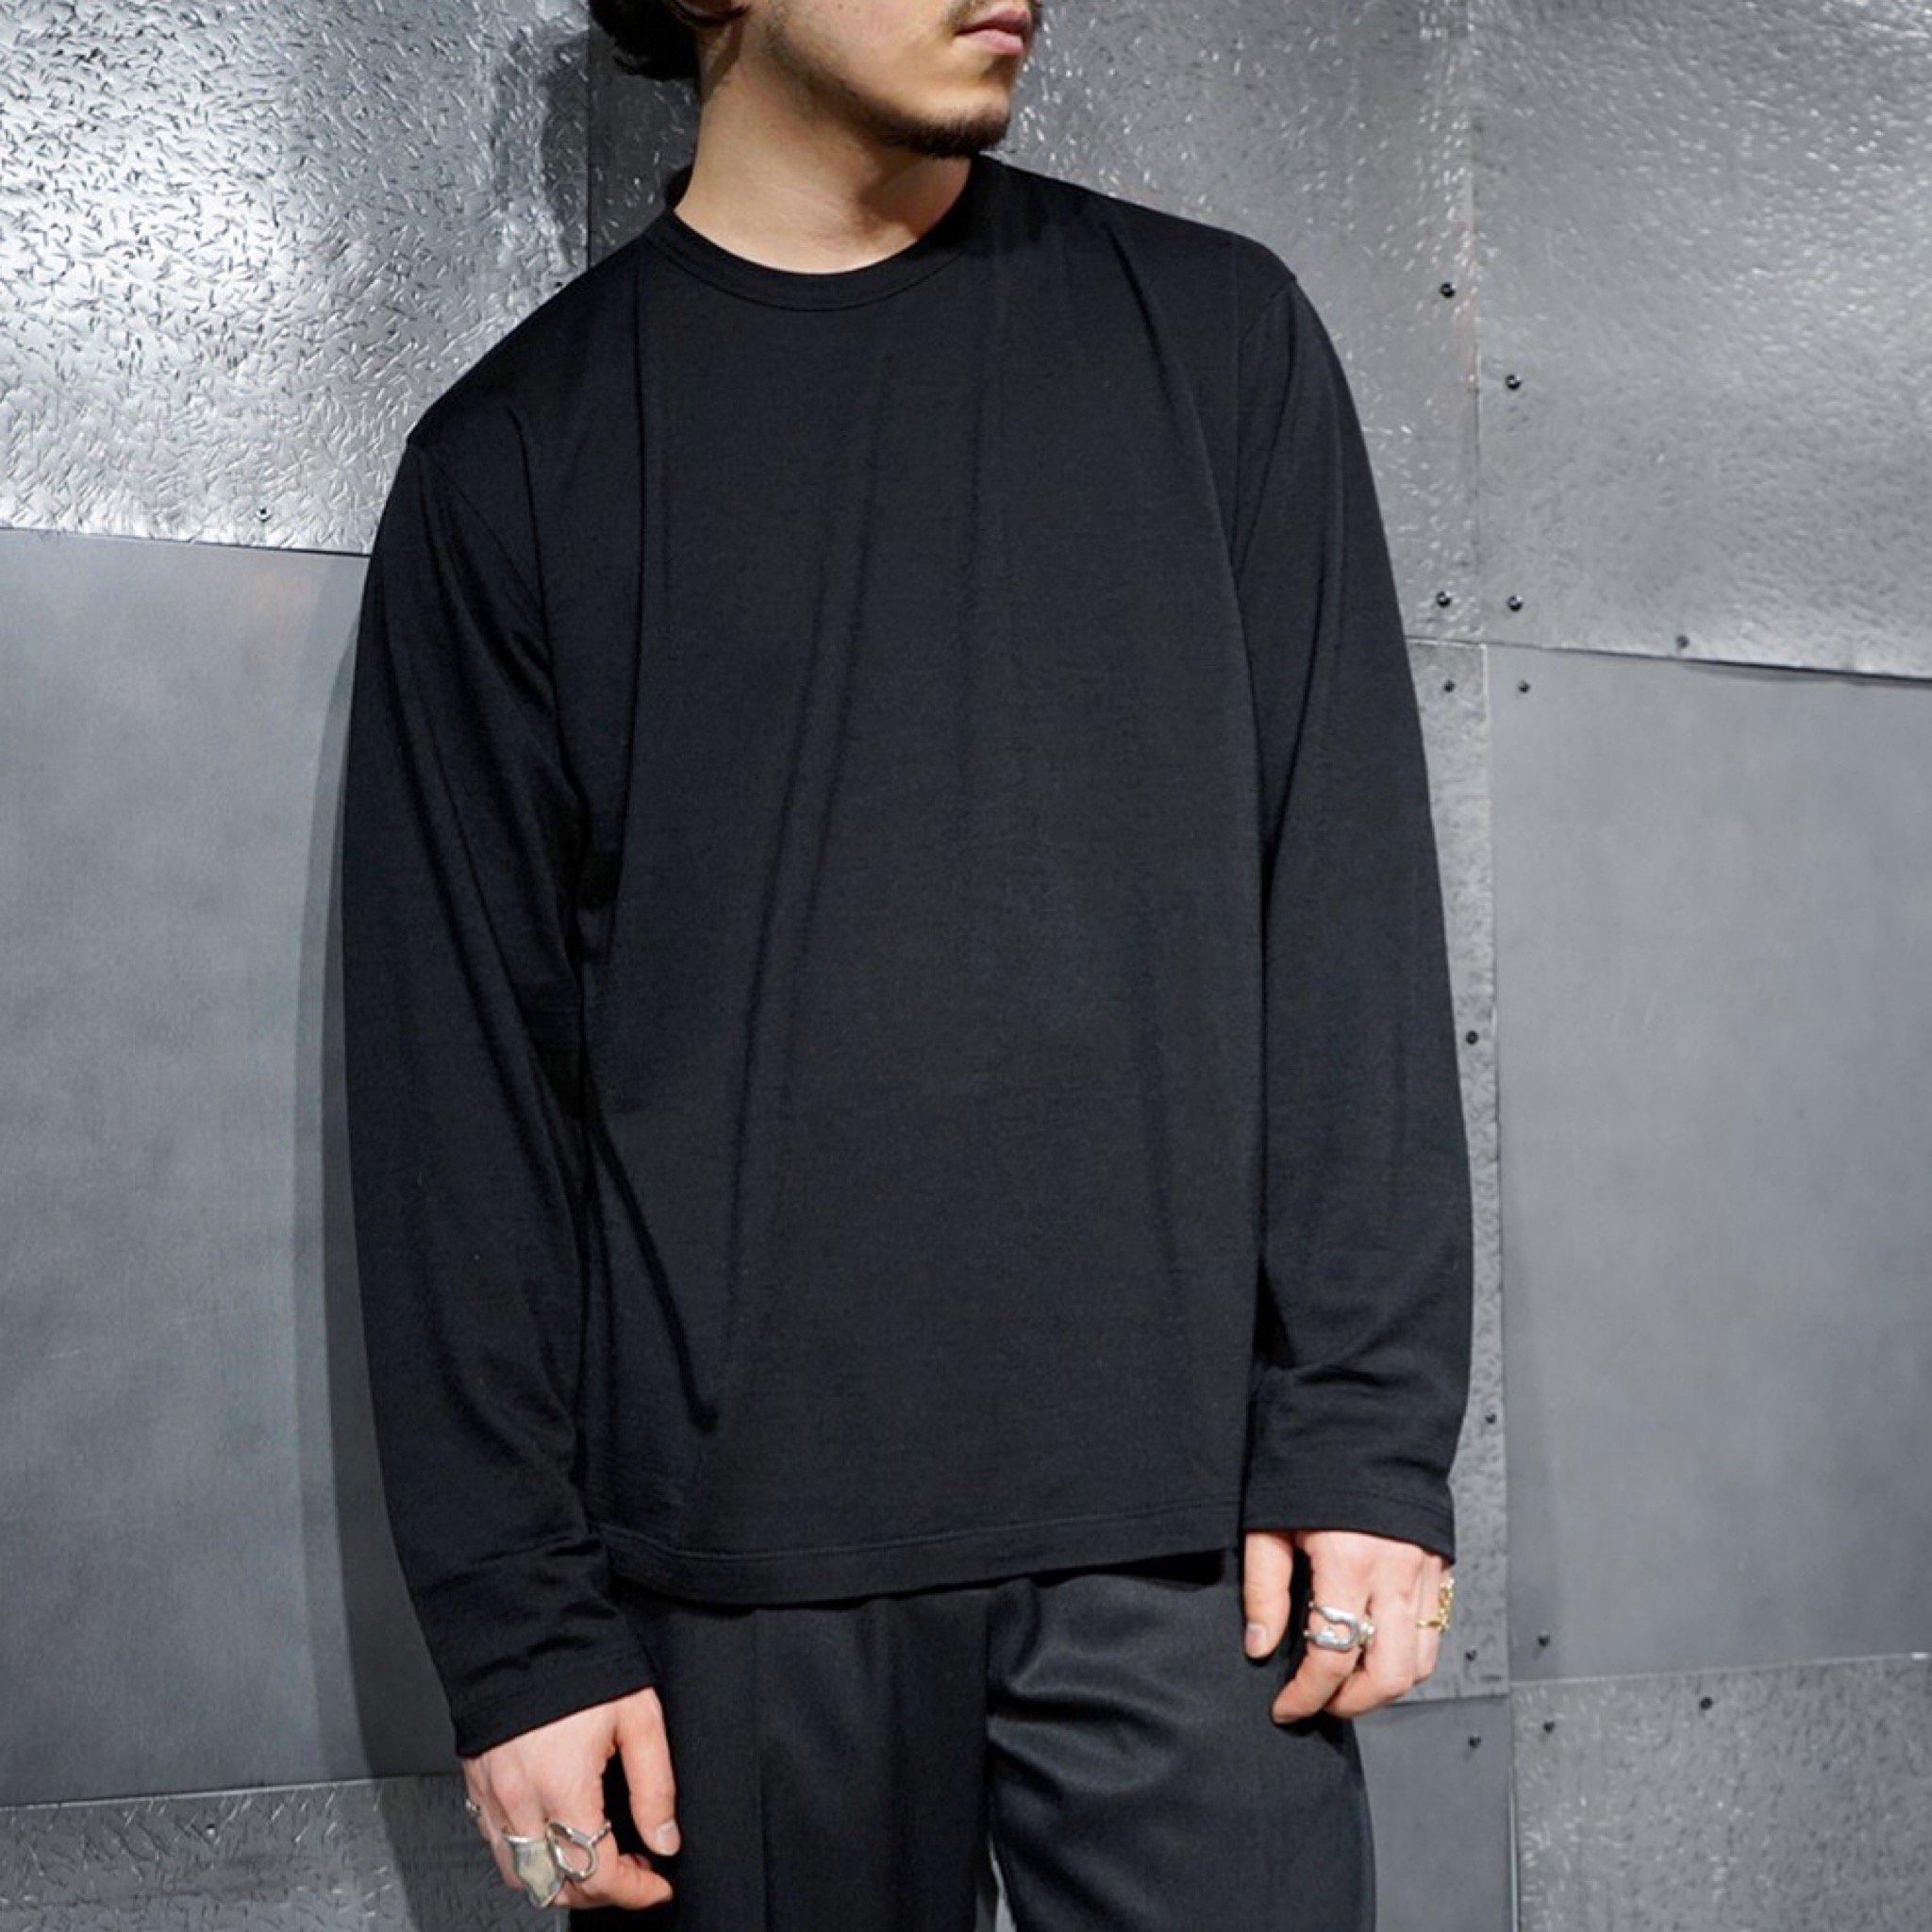 BATONER<br>ウォッシャブルウール ロングスリーブTEEシャツ